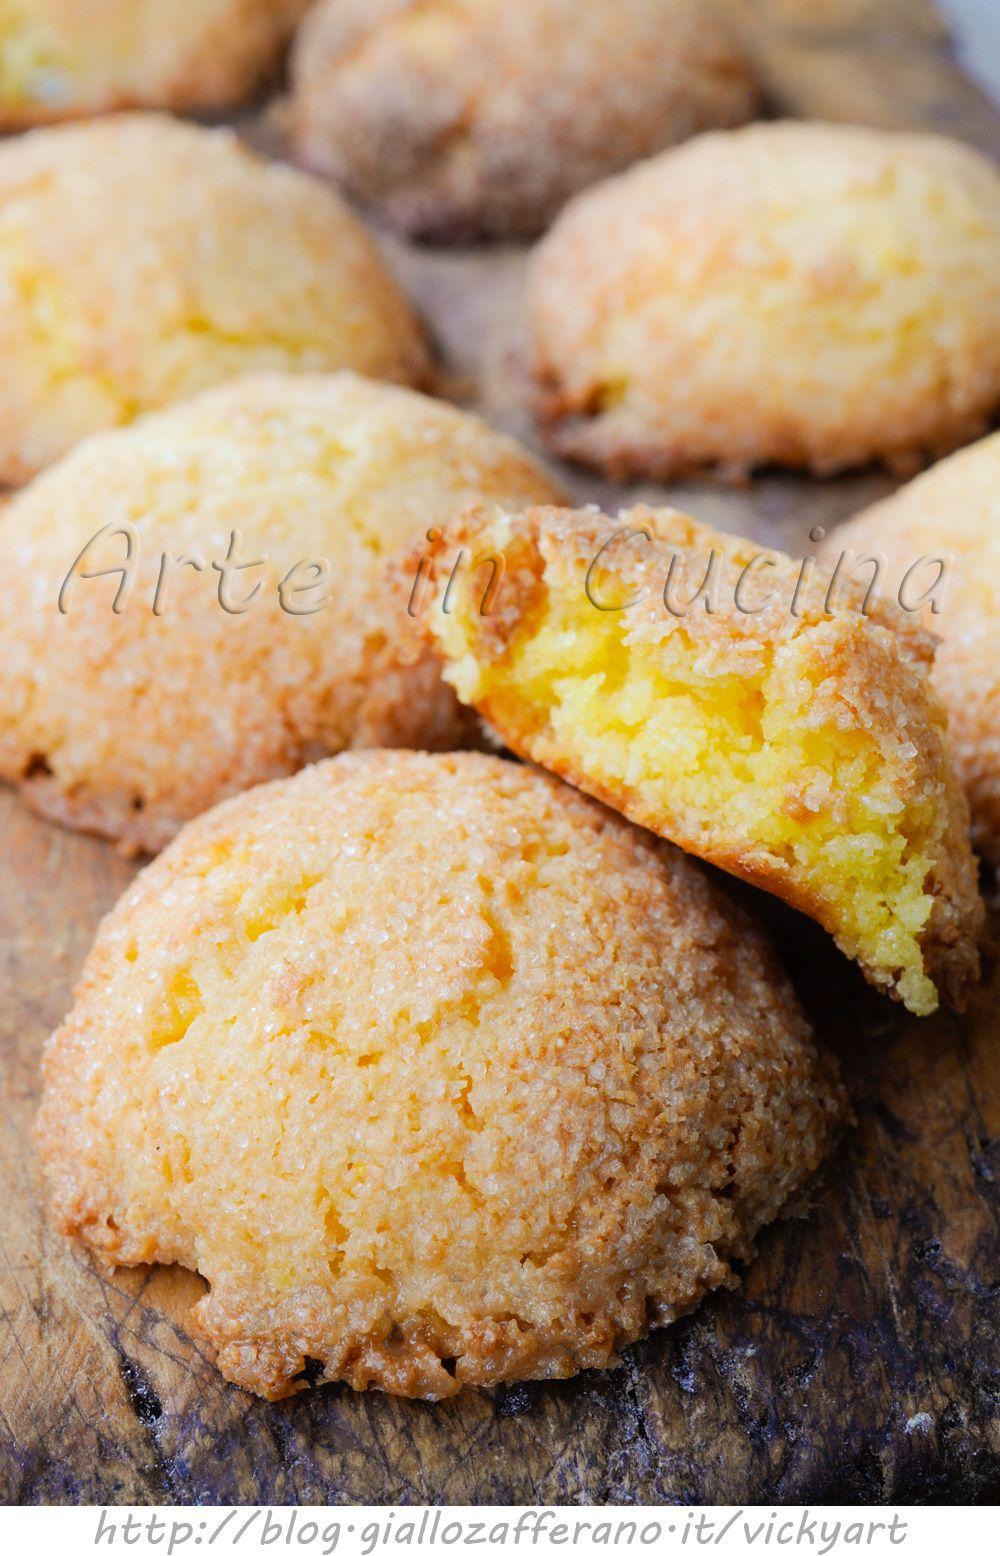 c2bcf9250c77b6de5b10a0bbe9918790 - Biscottini Ricette Facili